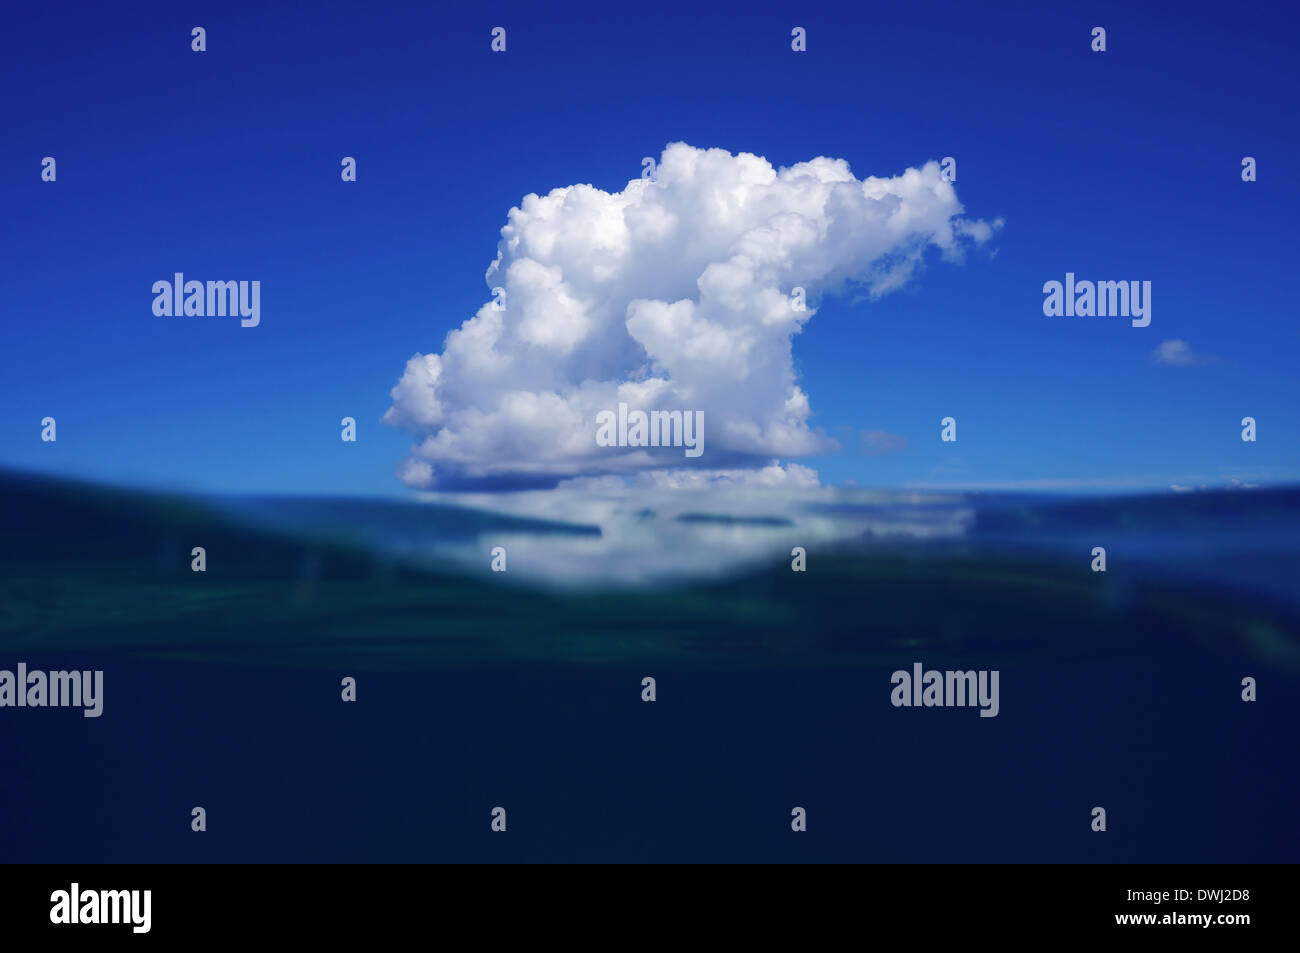 Cielo azul y el mar dividida por la línea de agua con una nube reflejado sobre la superficie del agua del mar Caribe Imagen De Stock